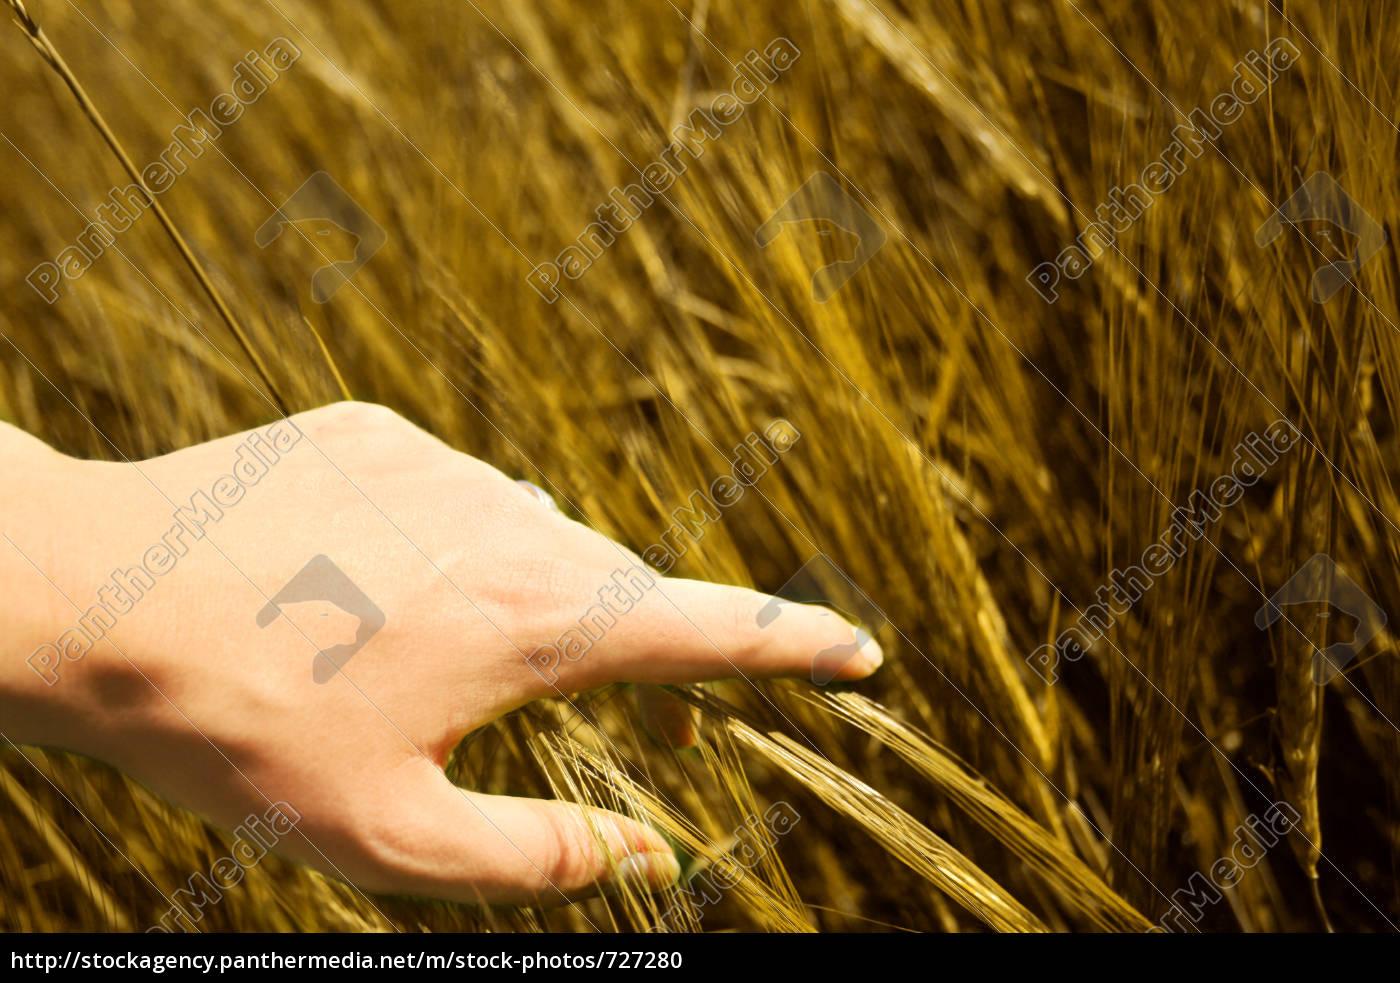 golden, grain - 727280